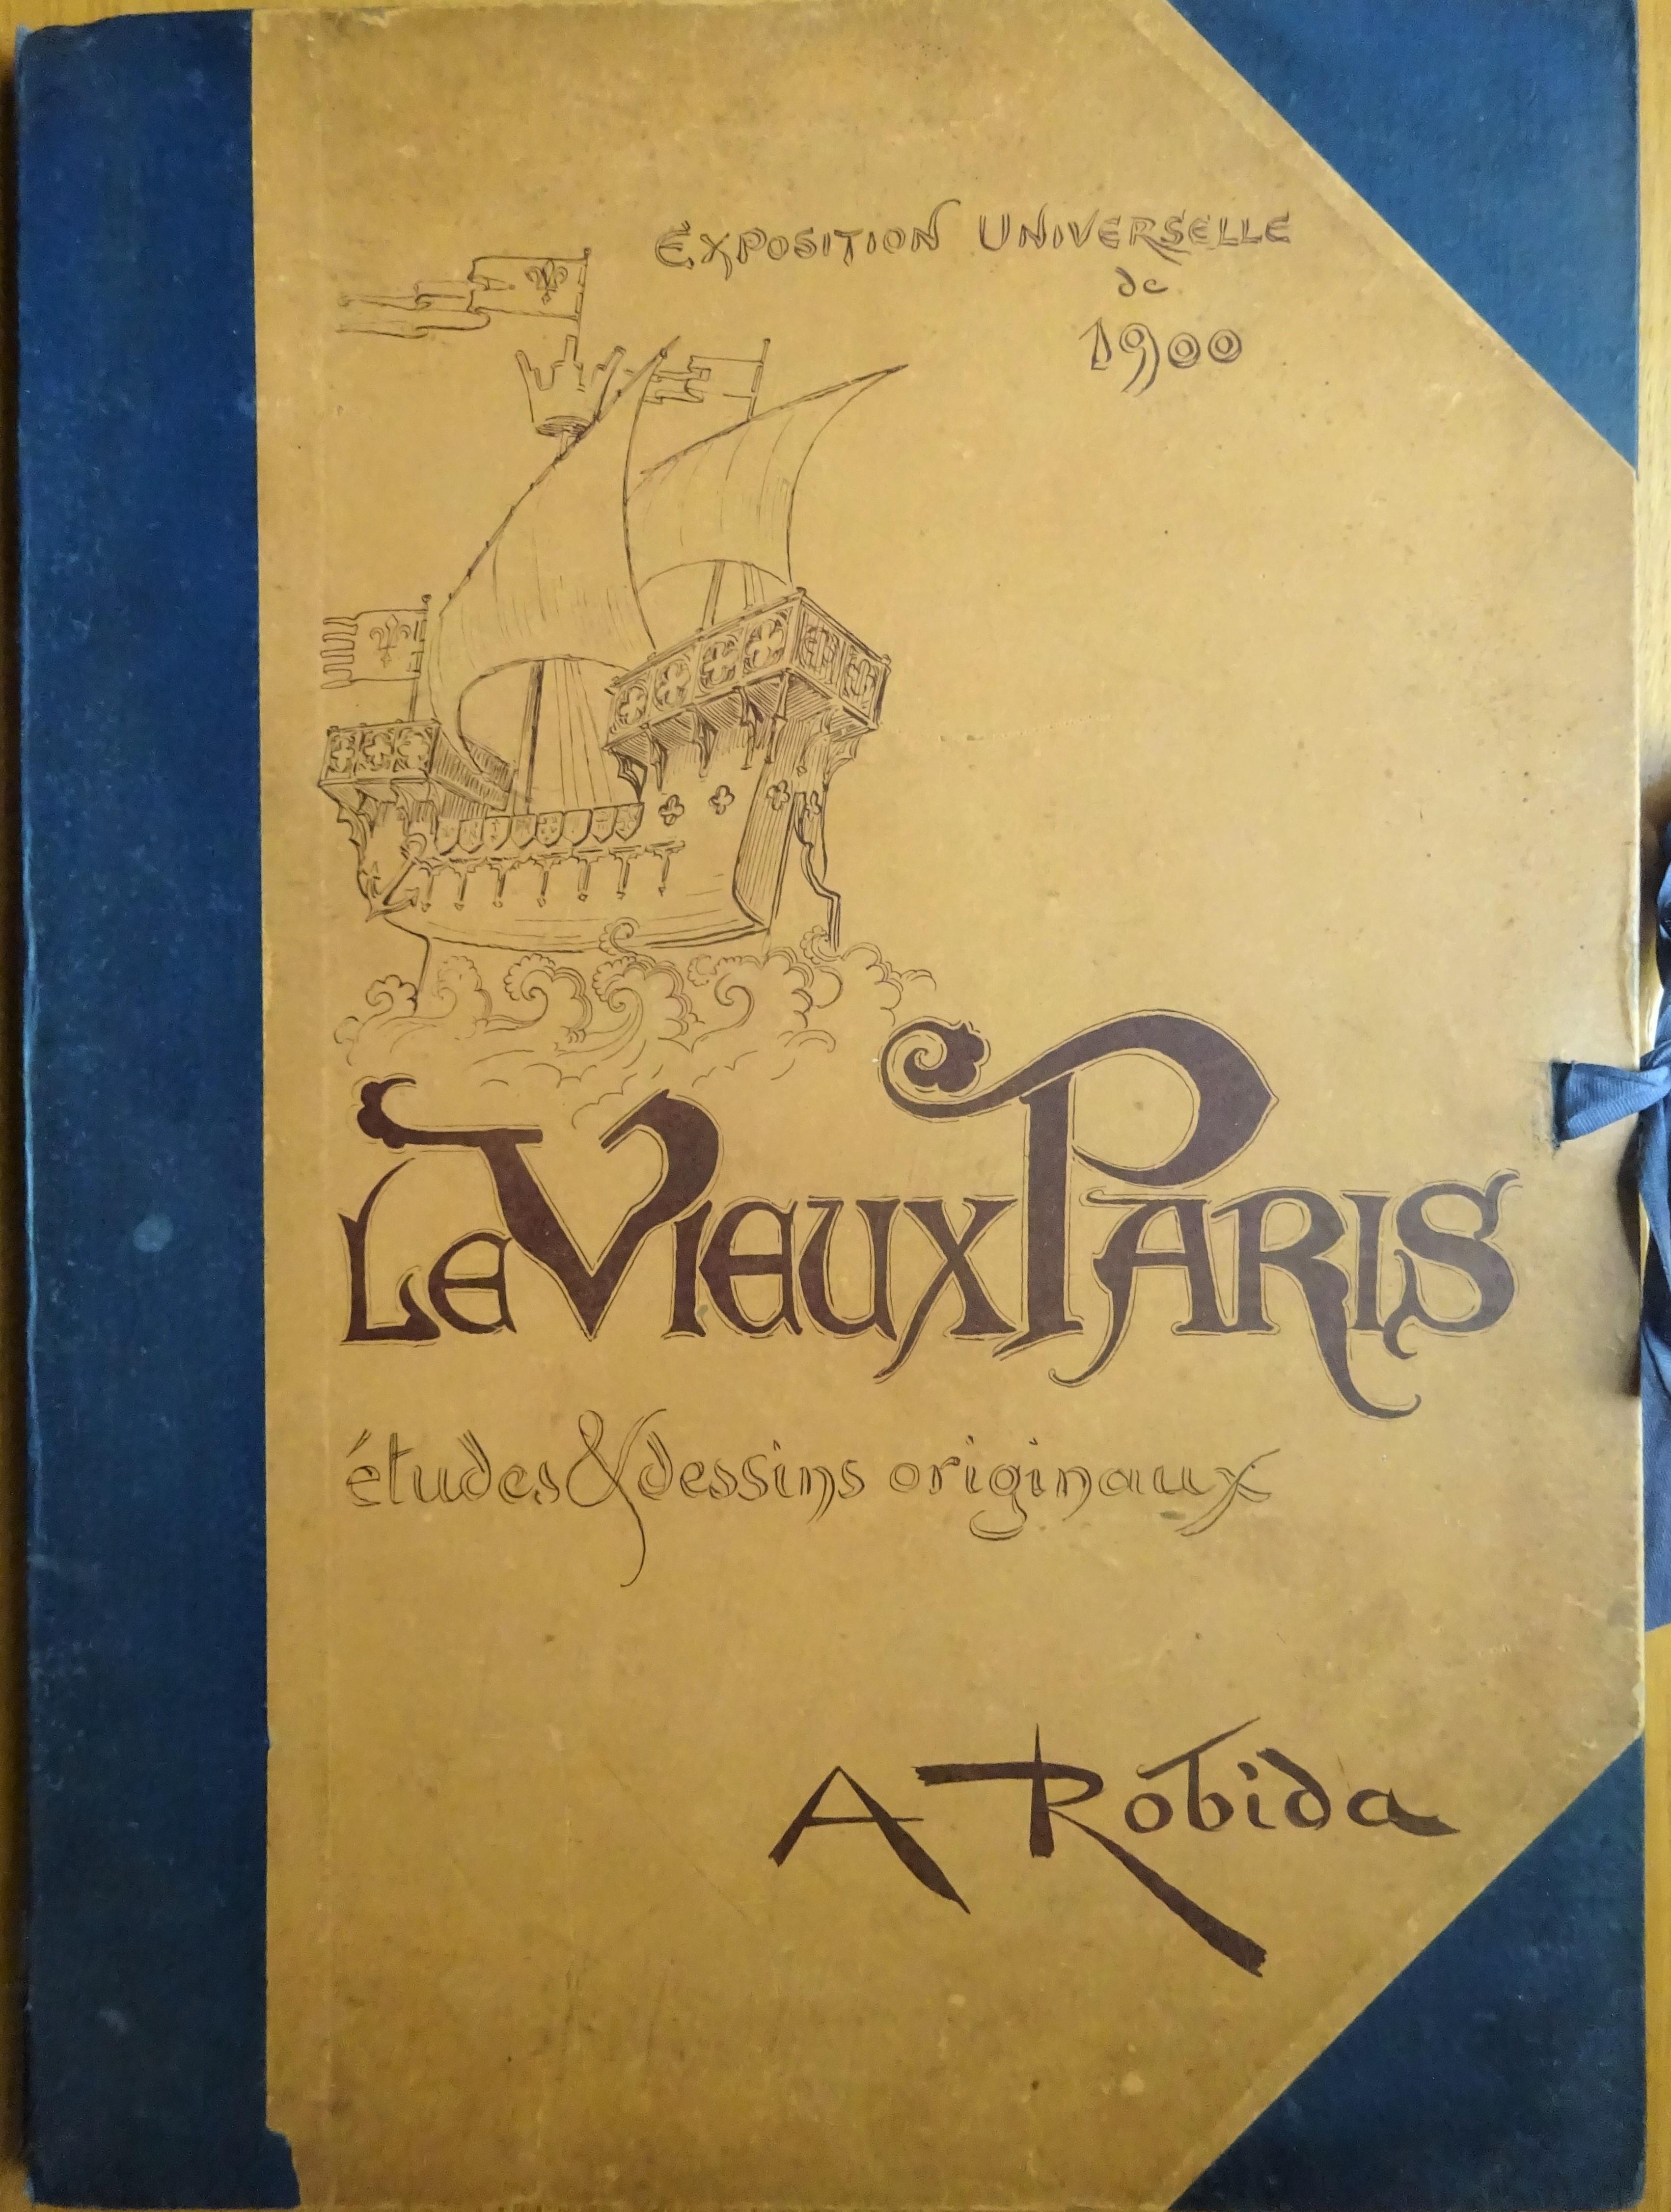 Exposition universelle de 1900. Le vieux Paris